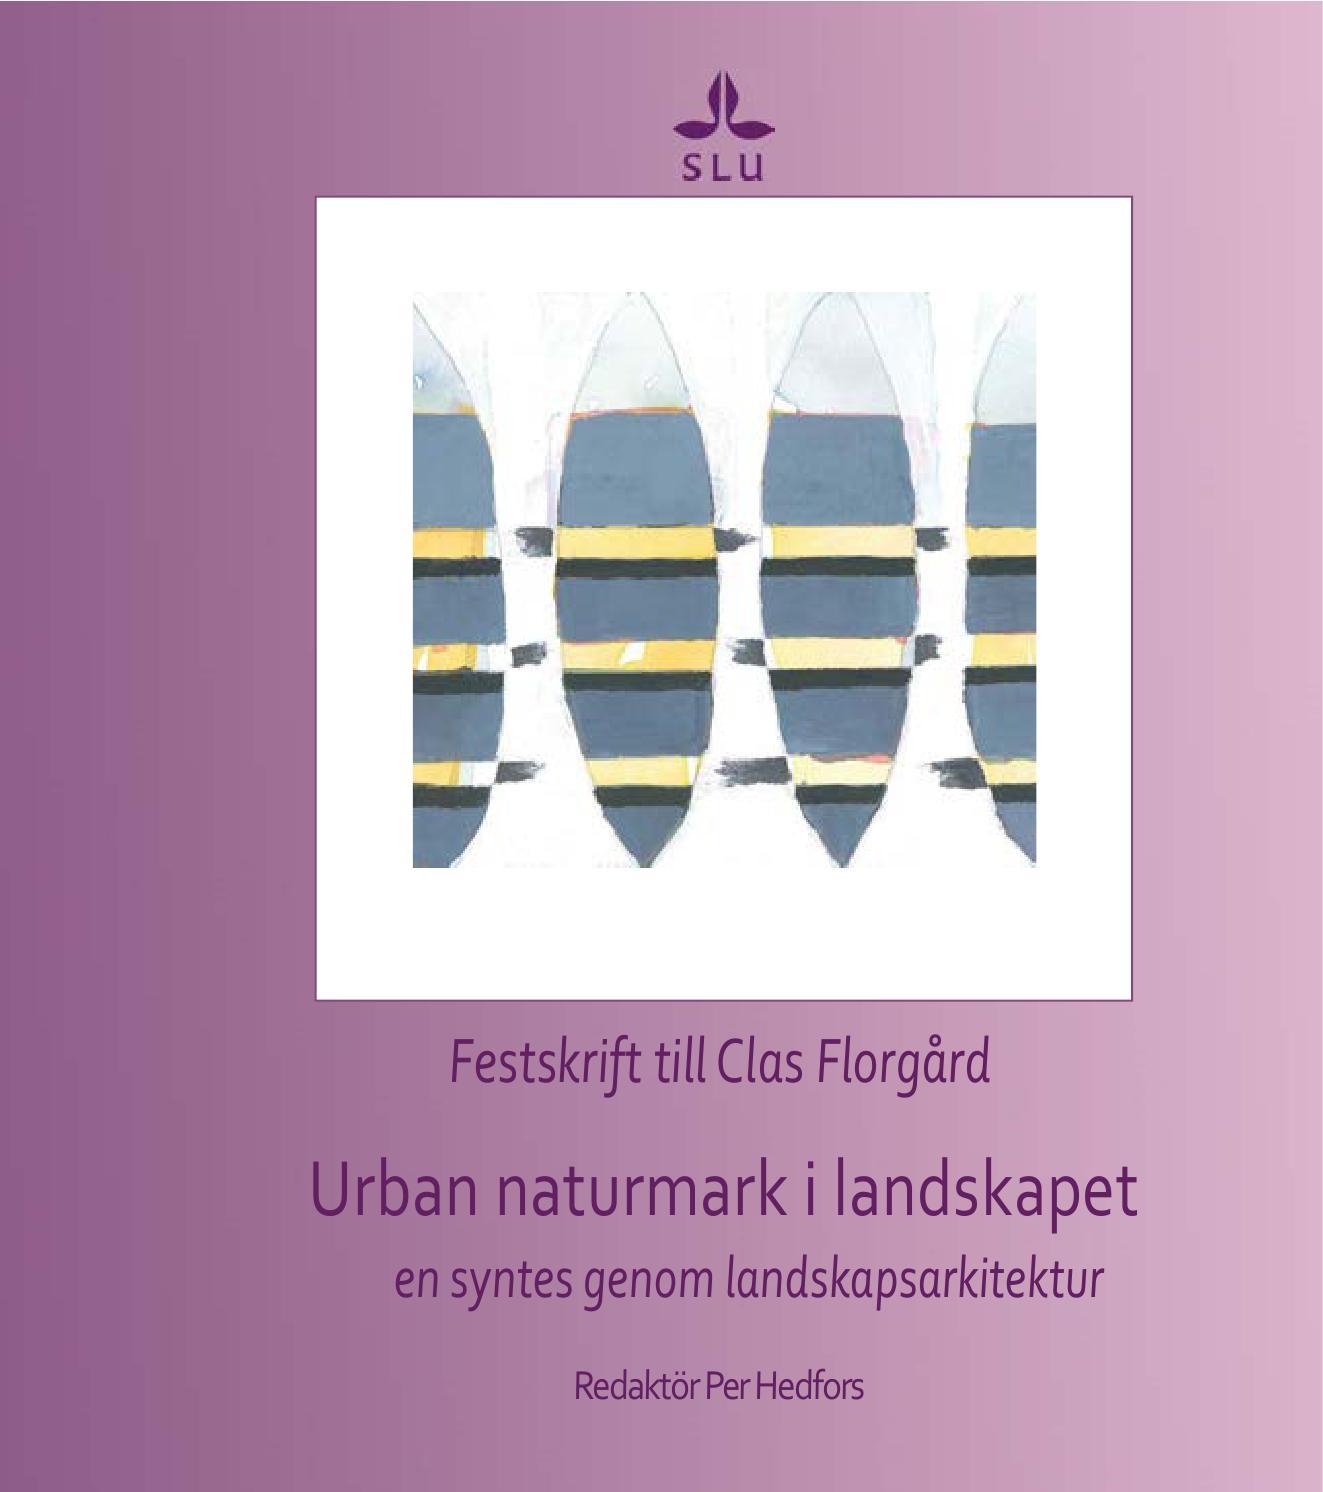 Festskrift till clas florgård urban naturmark i landskapet   en ...